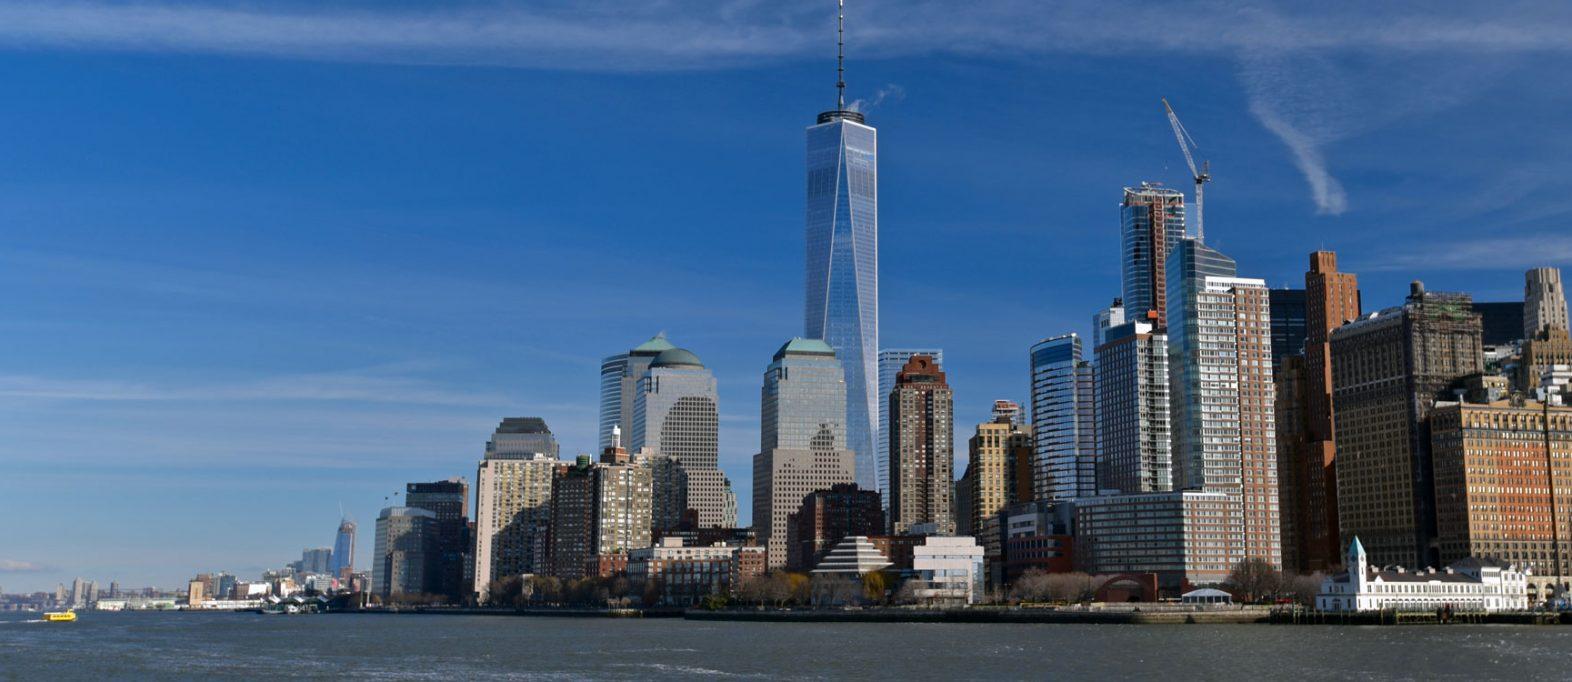 New York Reisebericht Tipps Fur 1 Woche Oder 2 3 Tage